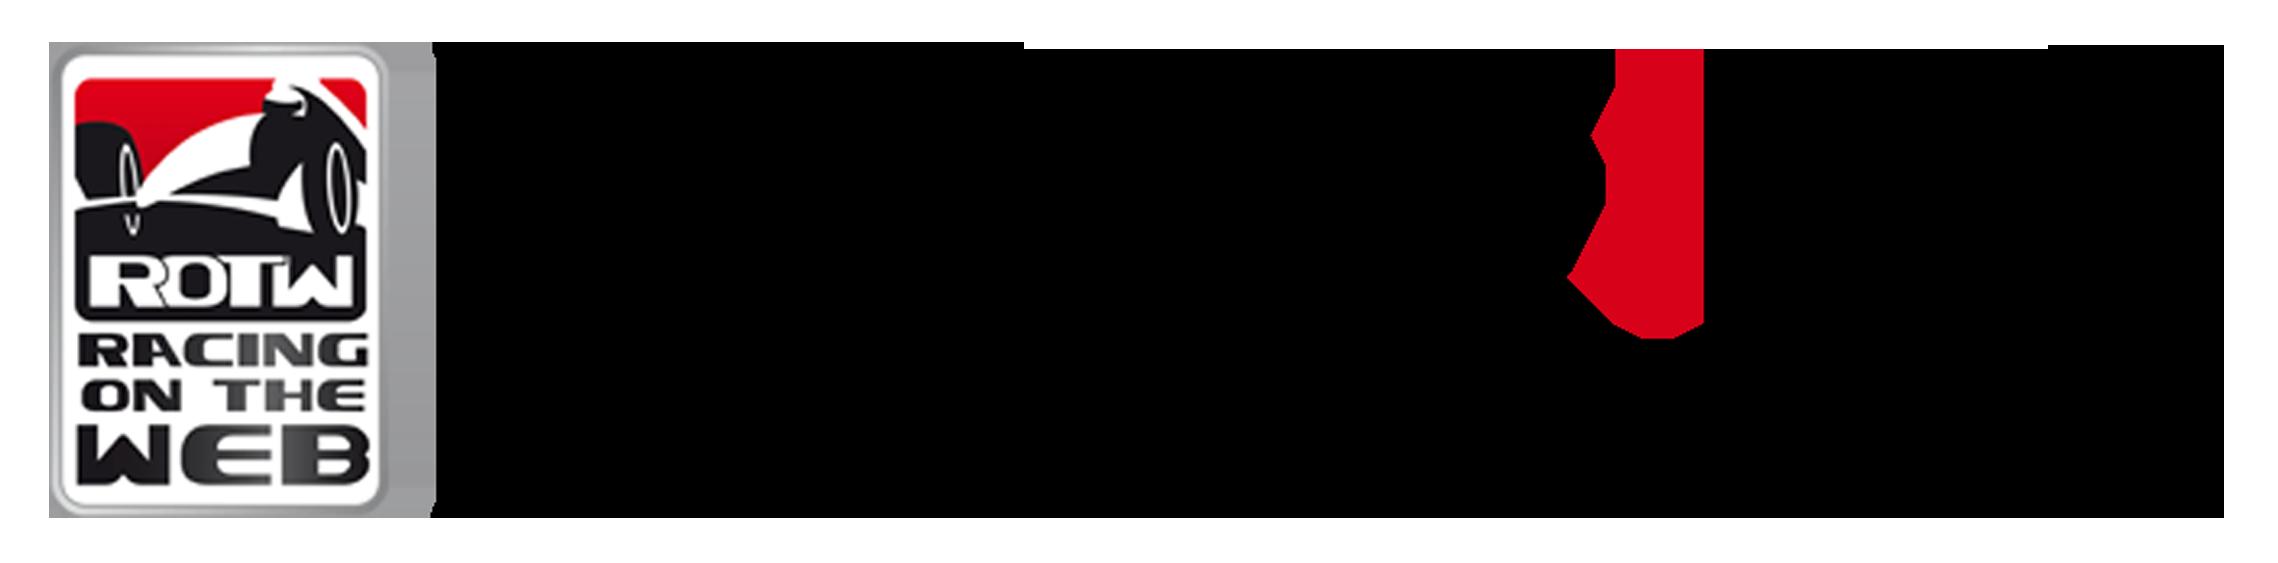 logoBriefingROTW.png